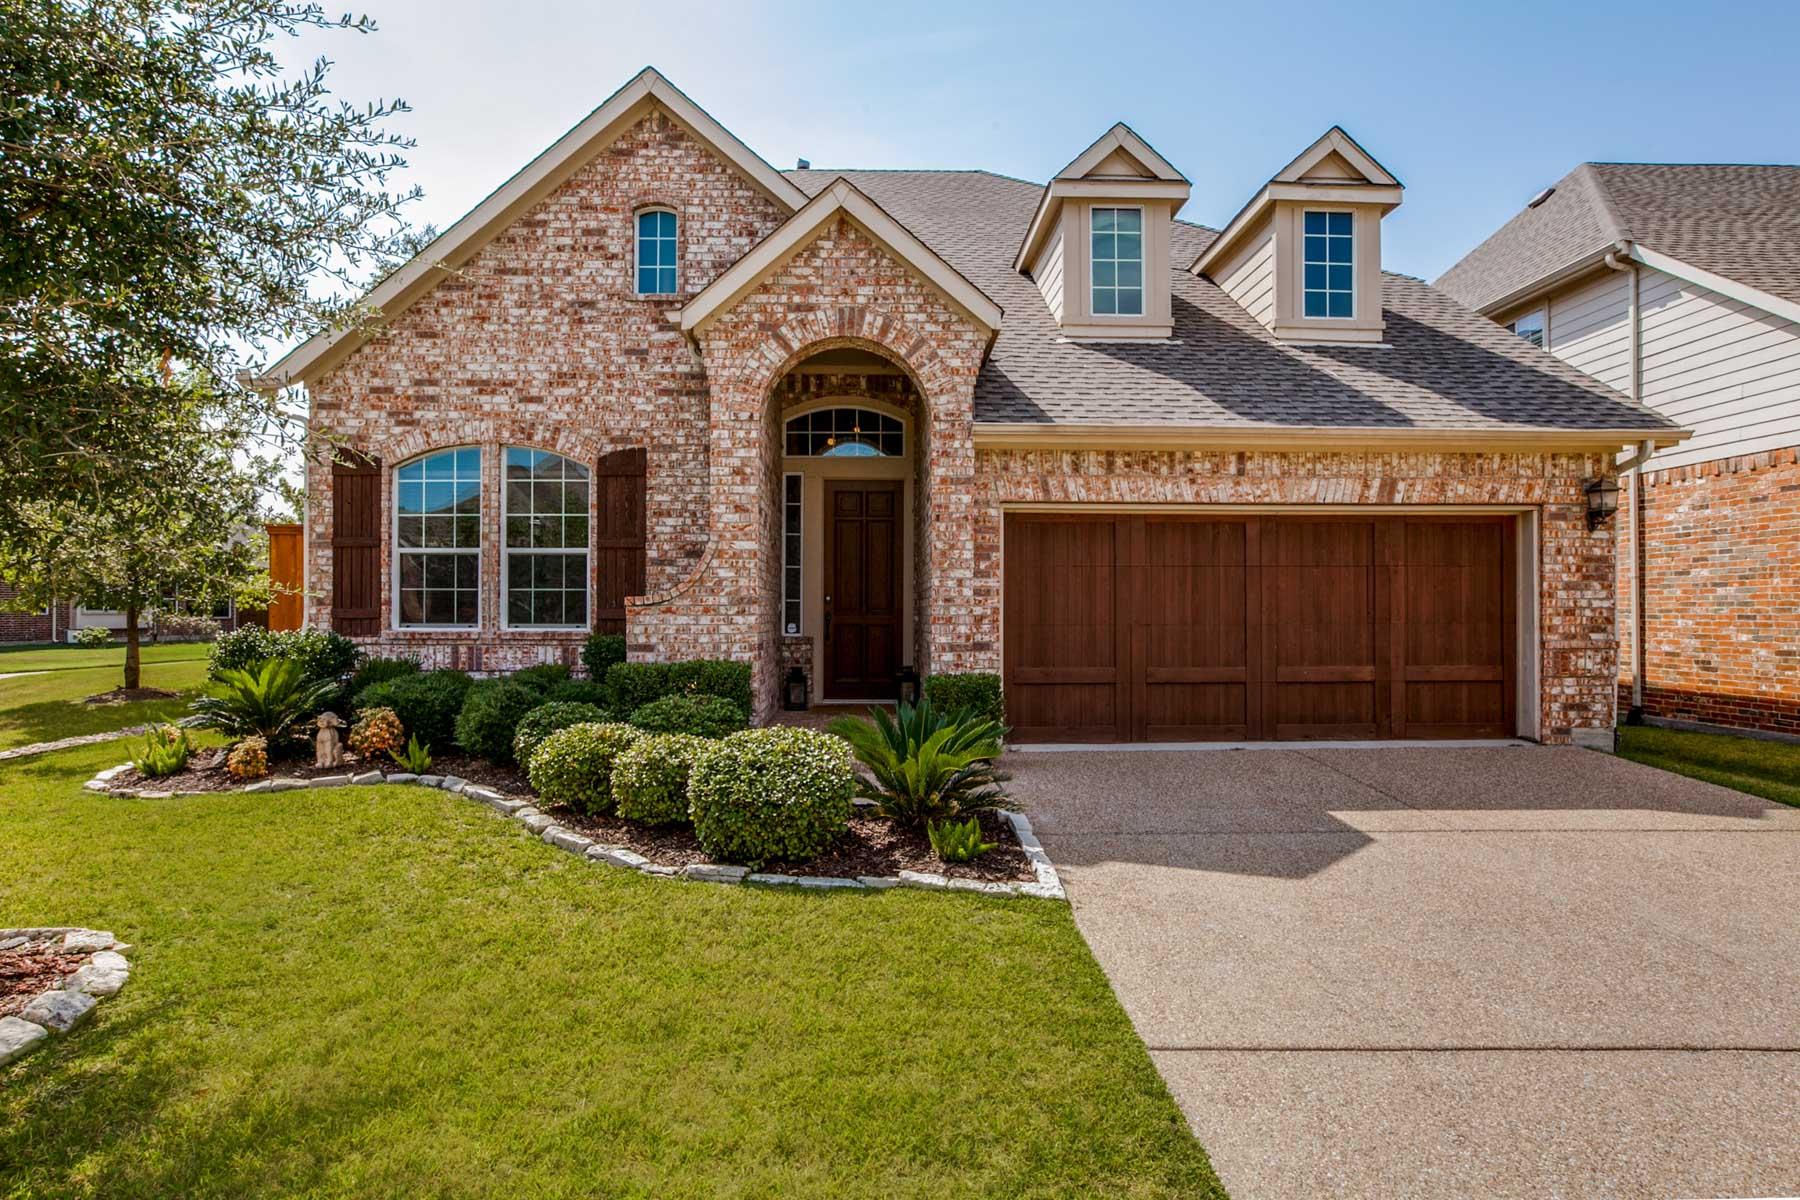 단독 가정 주택 용 매매 에 Traditional Gated Community 11311 Goddard Court Dallas, 텍사스, 75218 미국